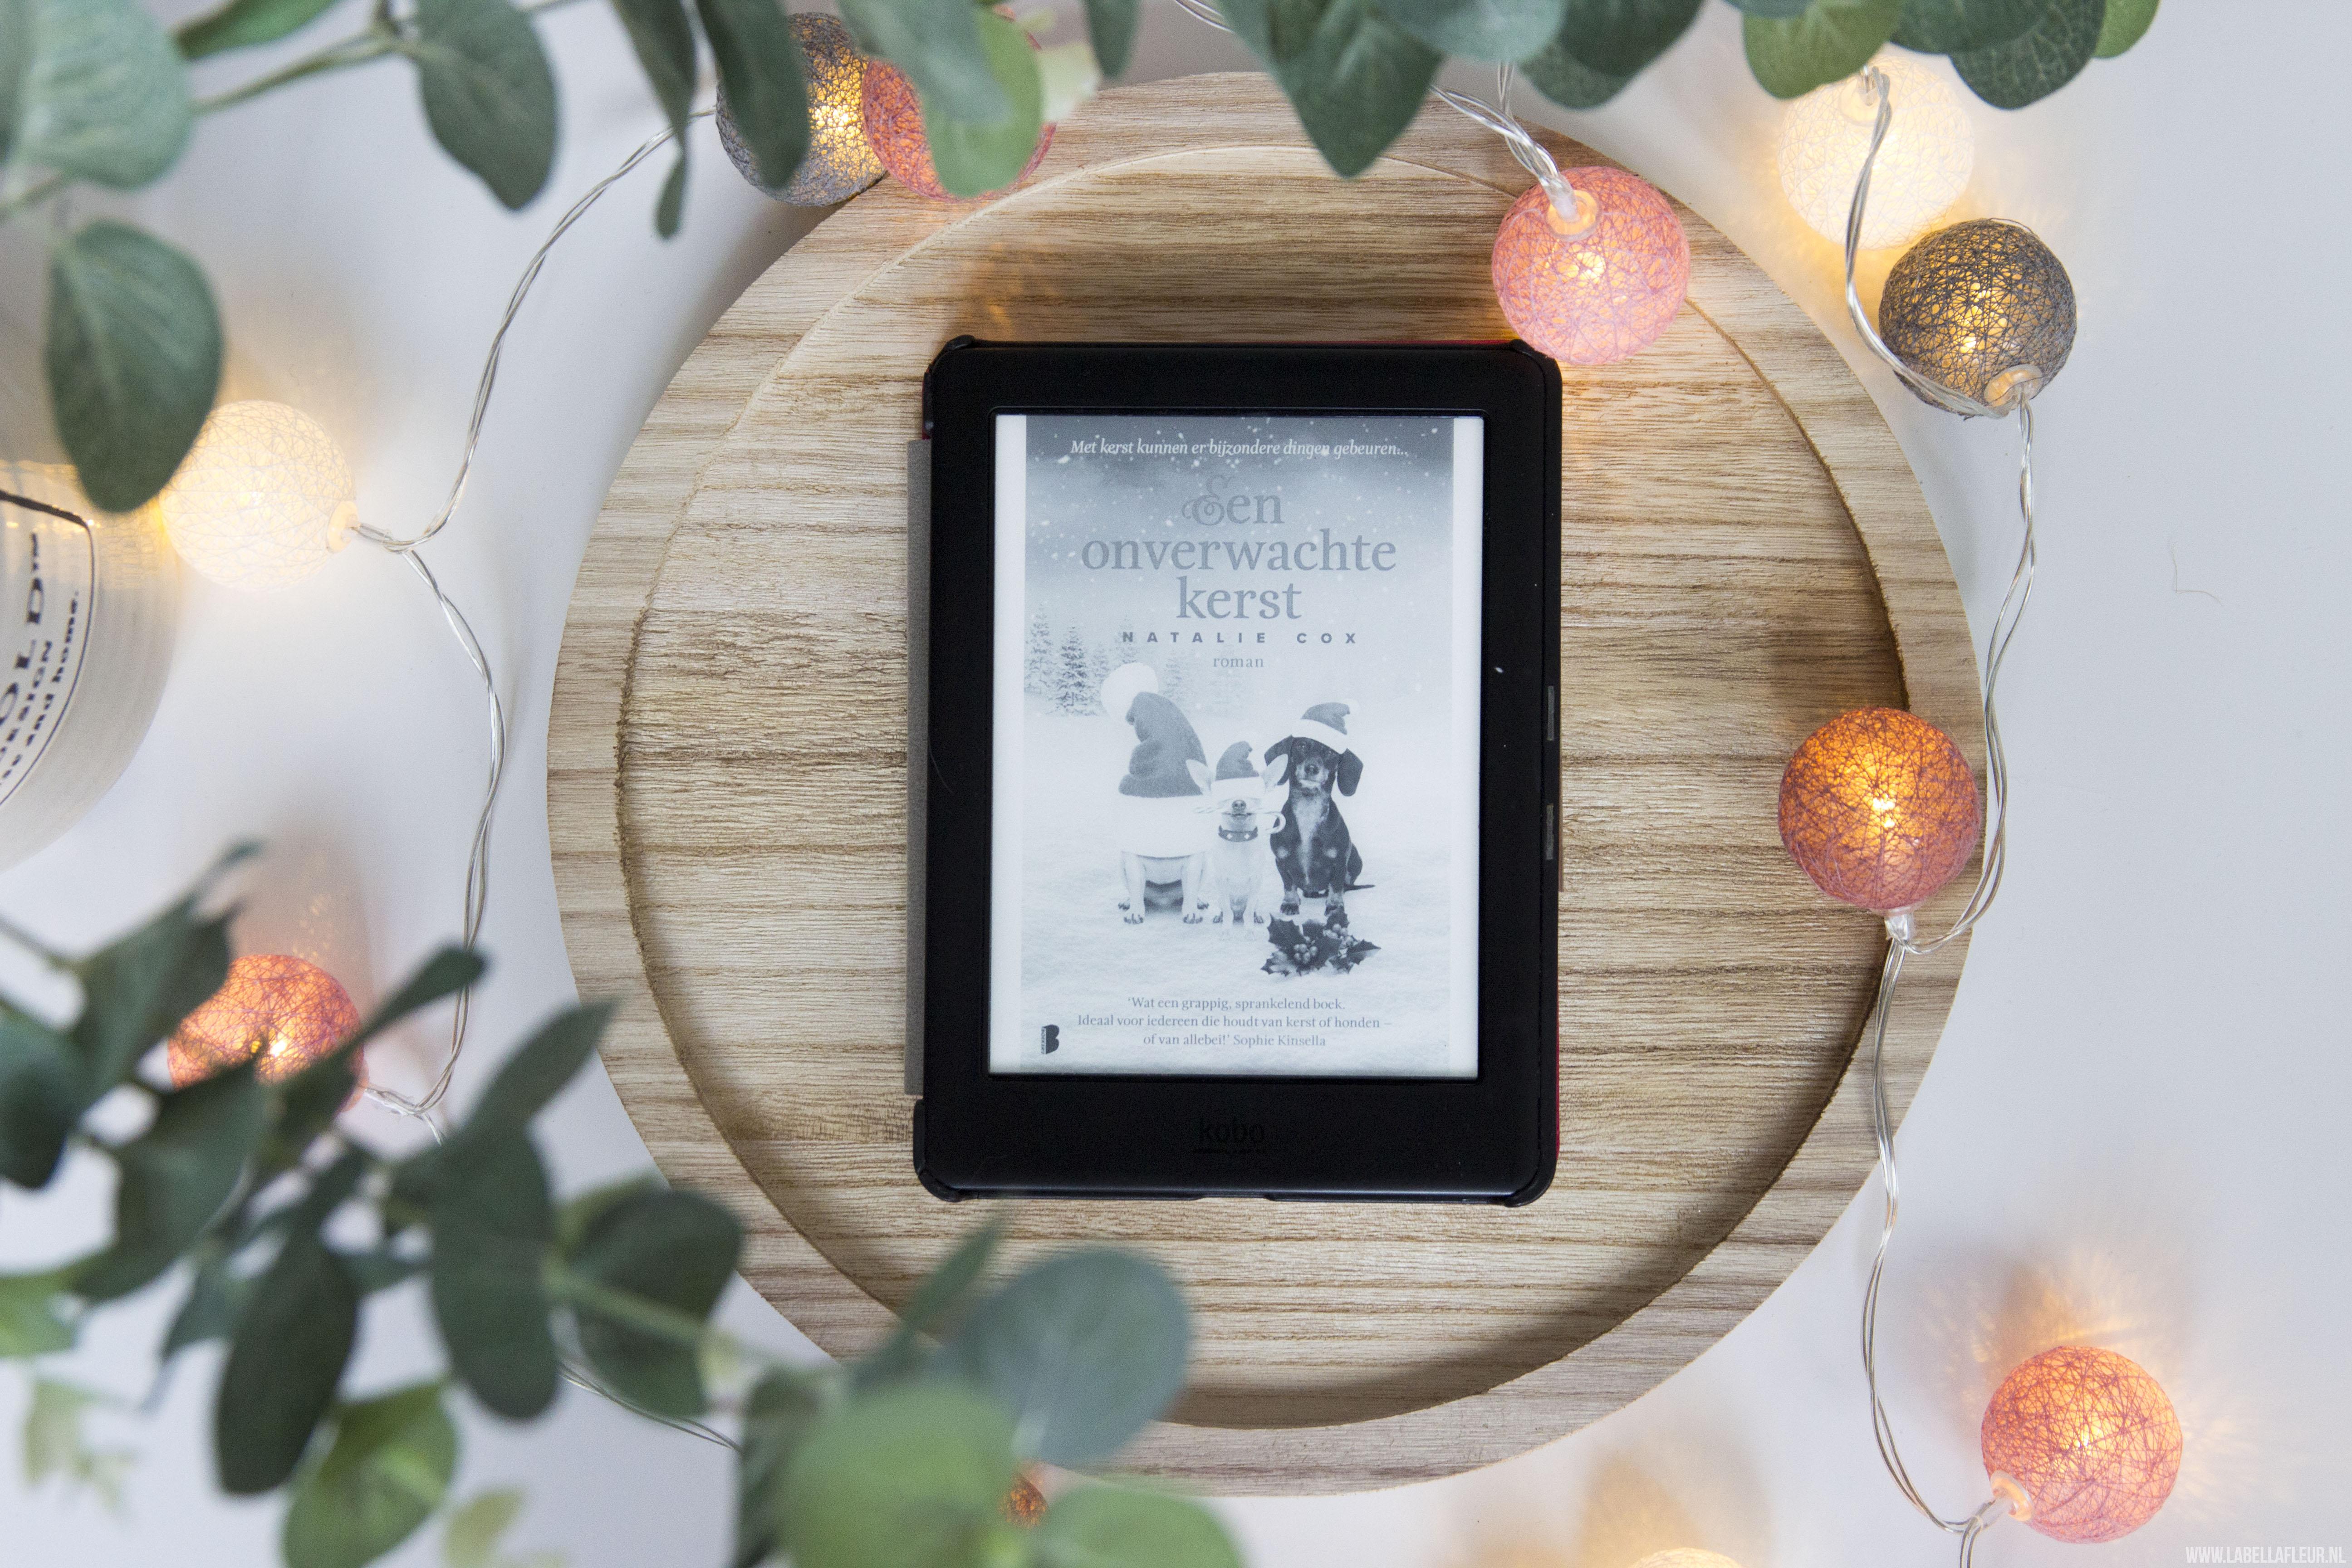 Boeken | Gelezen: Een onverwachte kerst - Natalie Cox